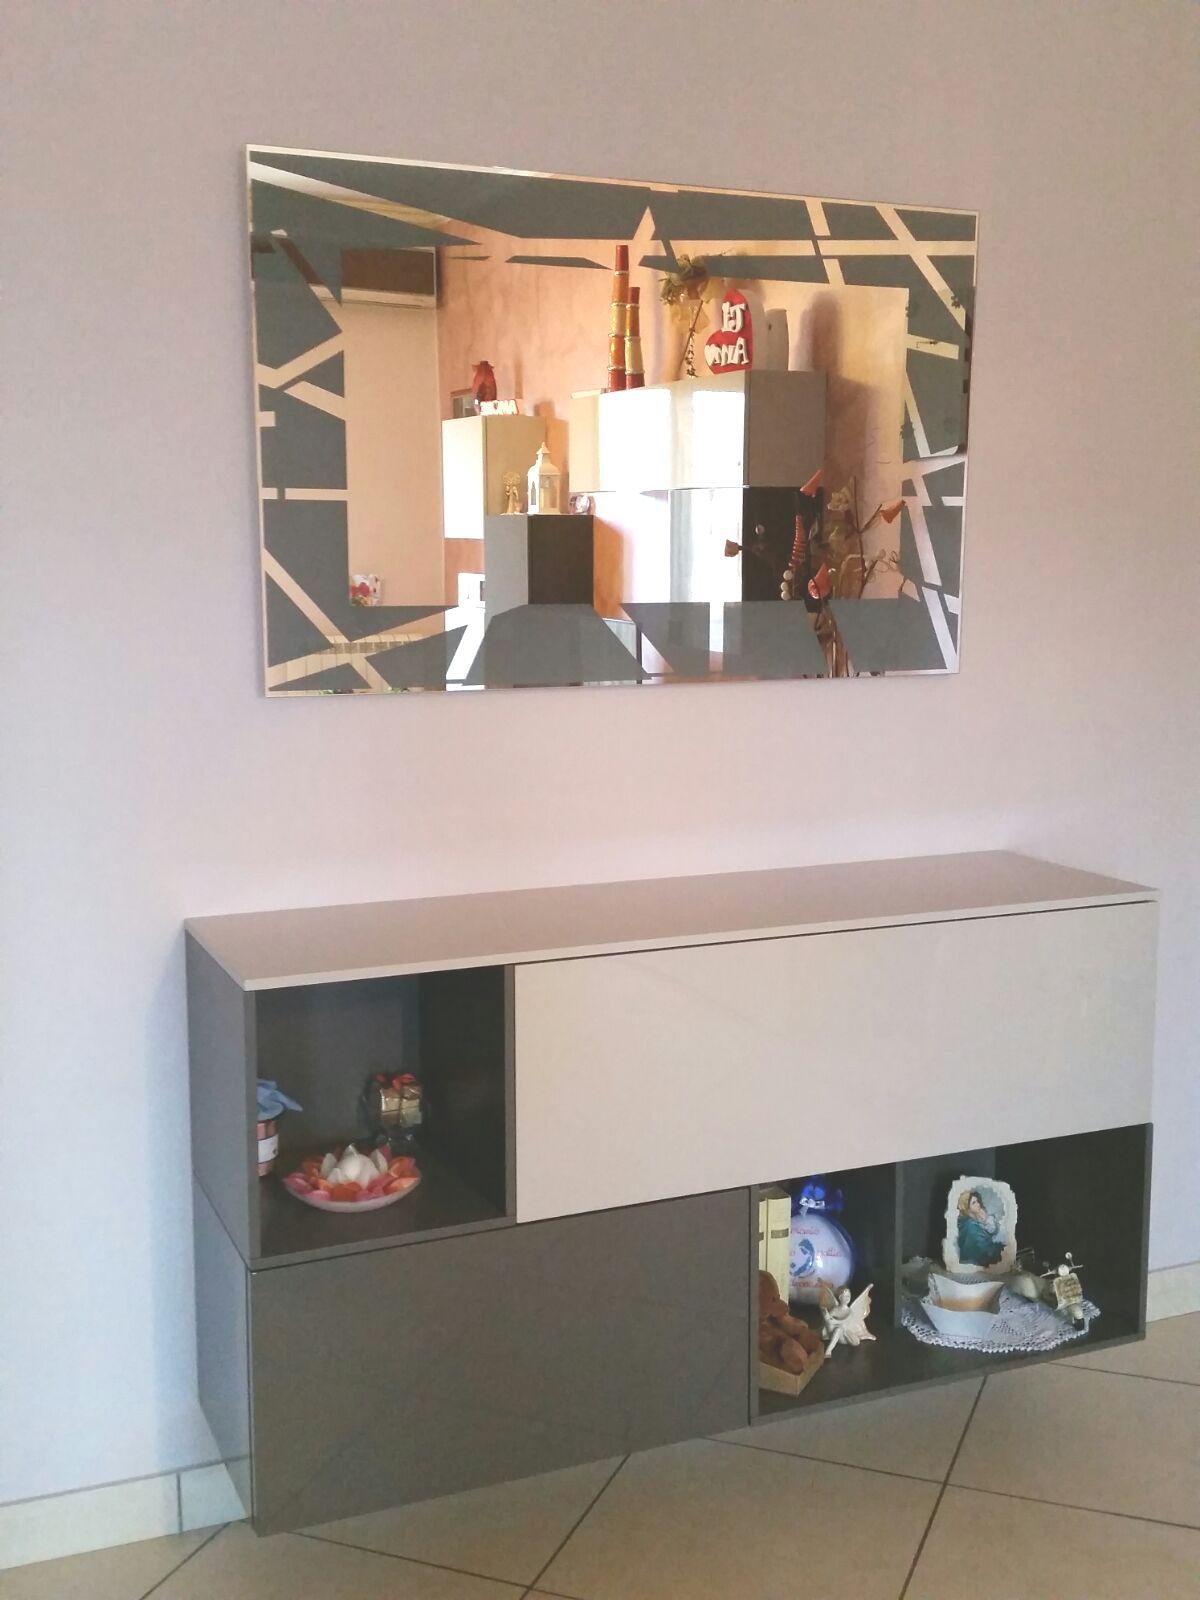 Specchi per arredo specchiere napoli campania vm for Specchi arredo moderni